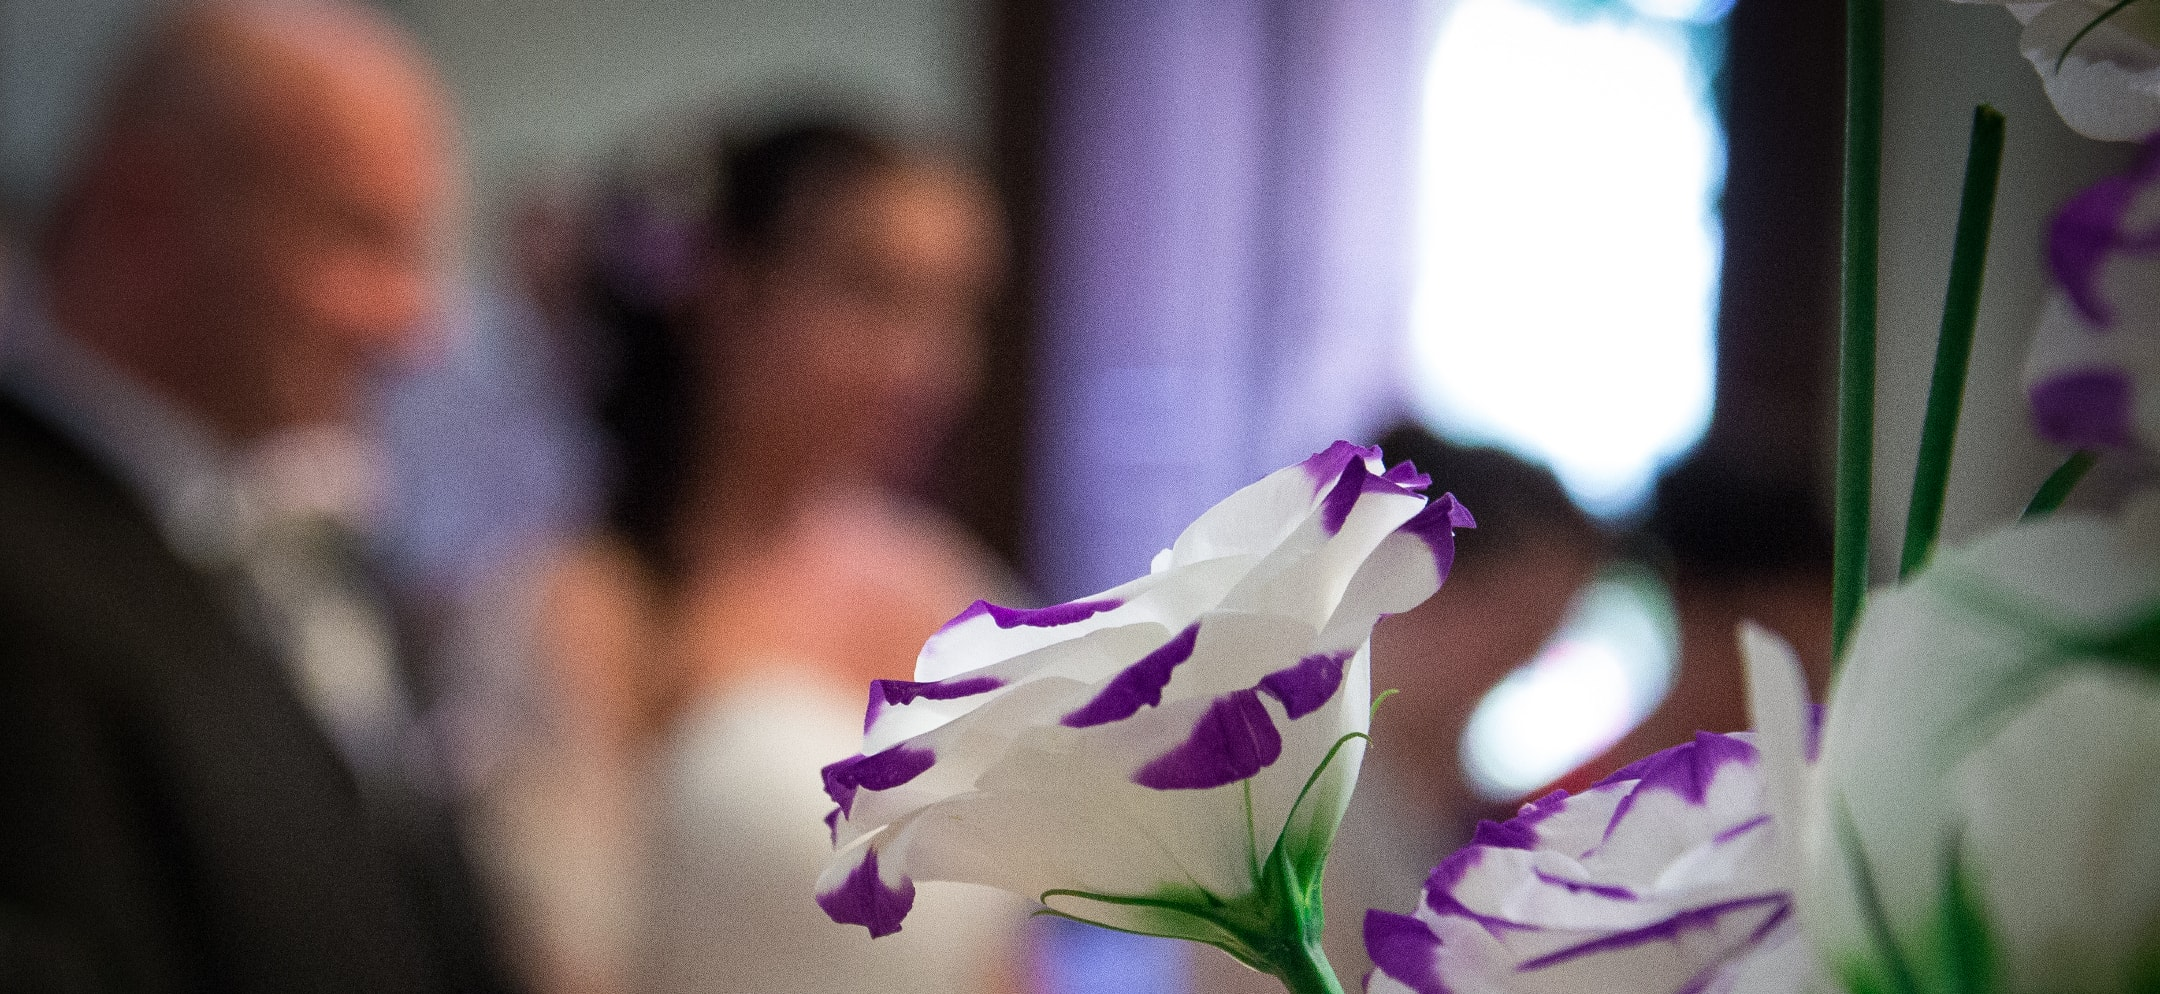 Fiori in primo piano e sposi nello sfondo